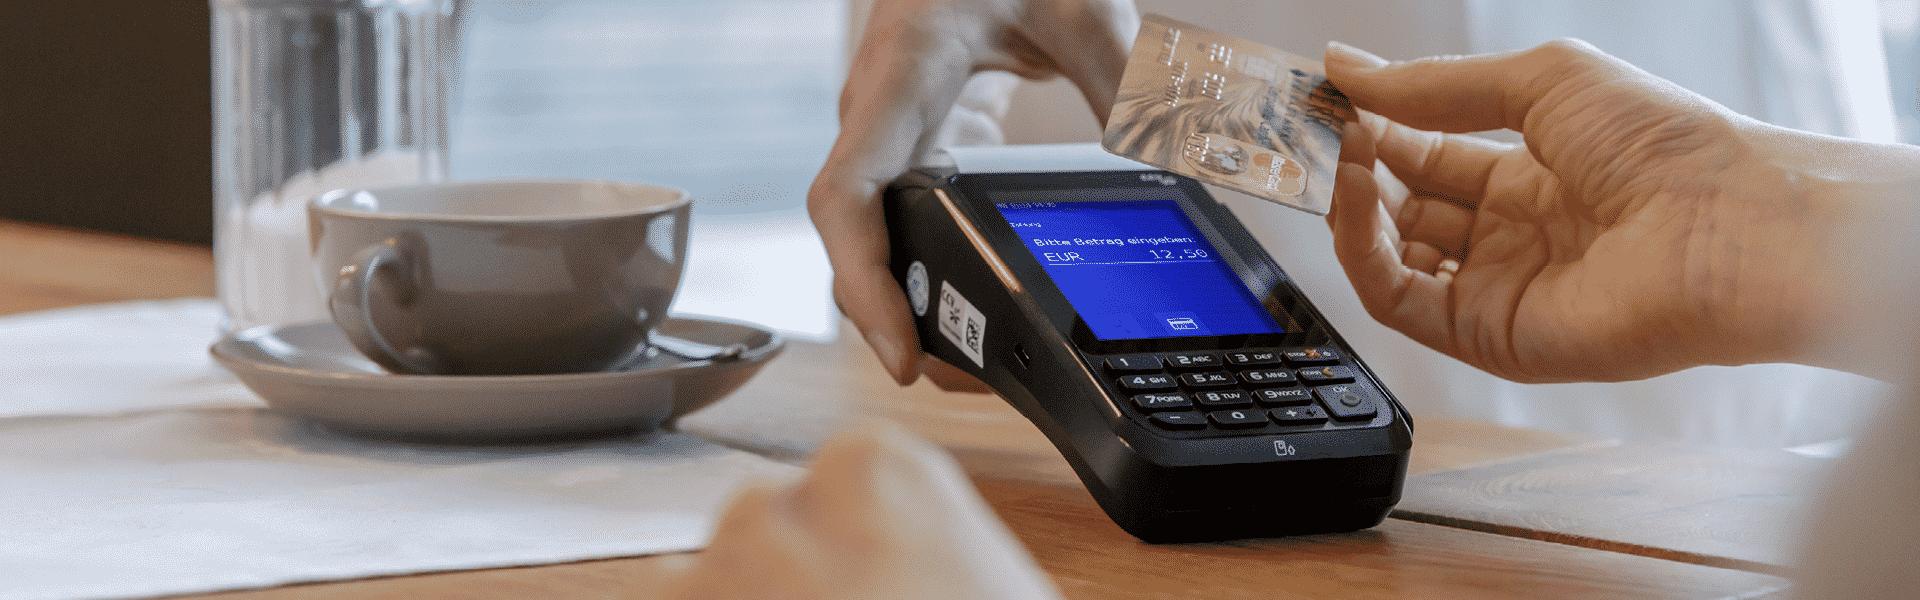 CCV Deutschland: Ihr Payment-Partner für moderne Bezahllösungen